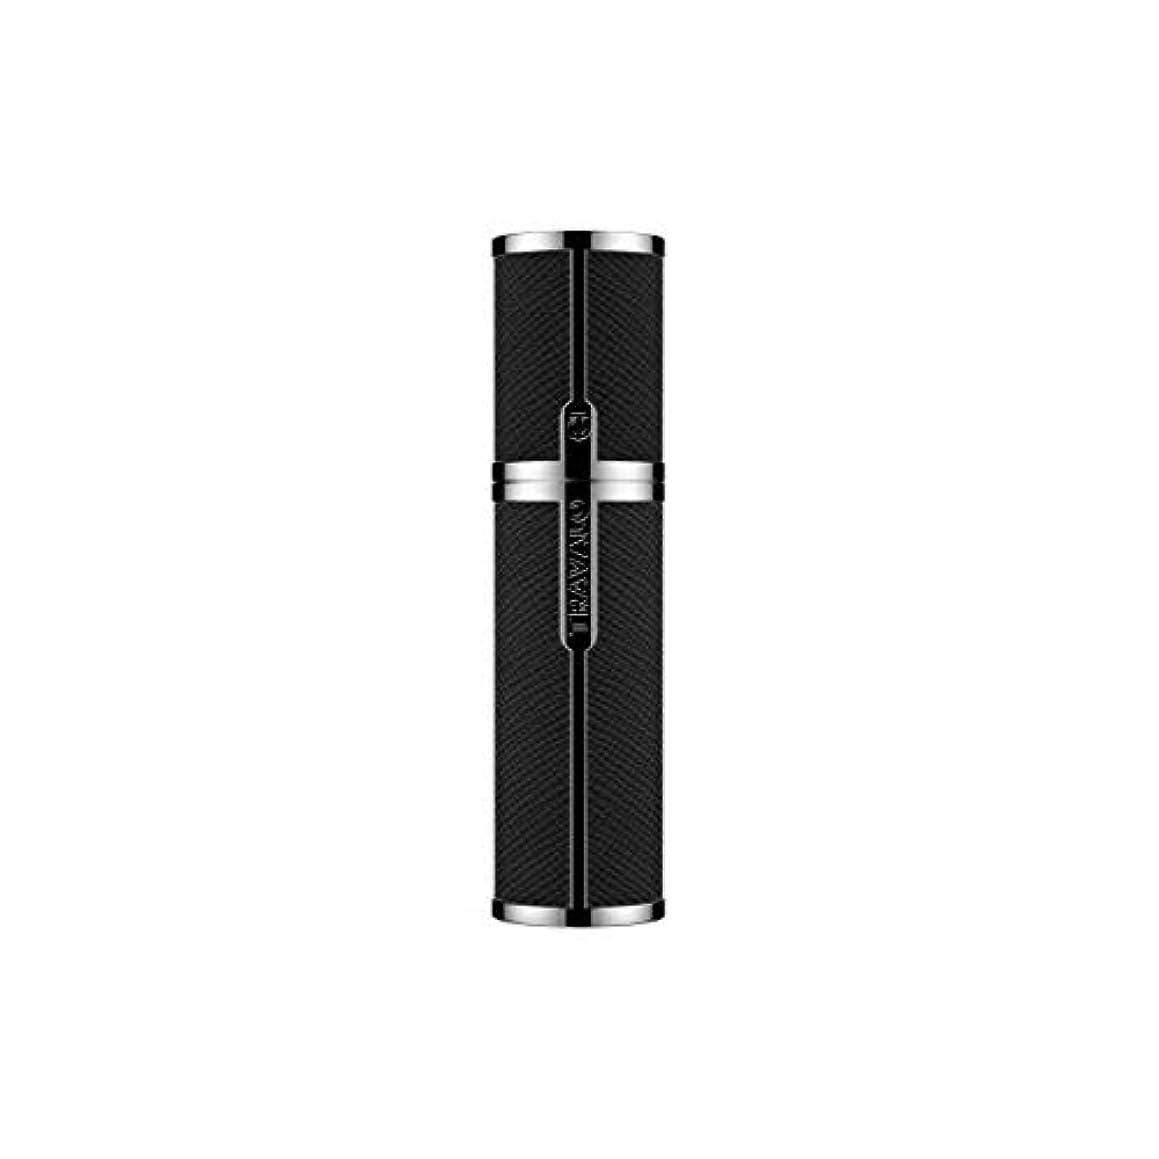 ヒープ入り口ラケットTRAVALO (トラヴァ―ロ) ミラノ アトマイザー ブラック 香水 旅行 携帯 詰め替え ボトル 簡単 香水スプレー